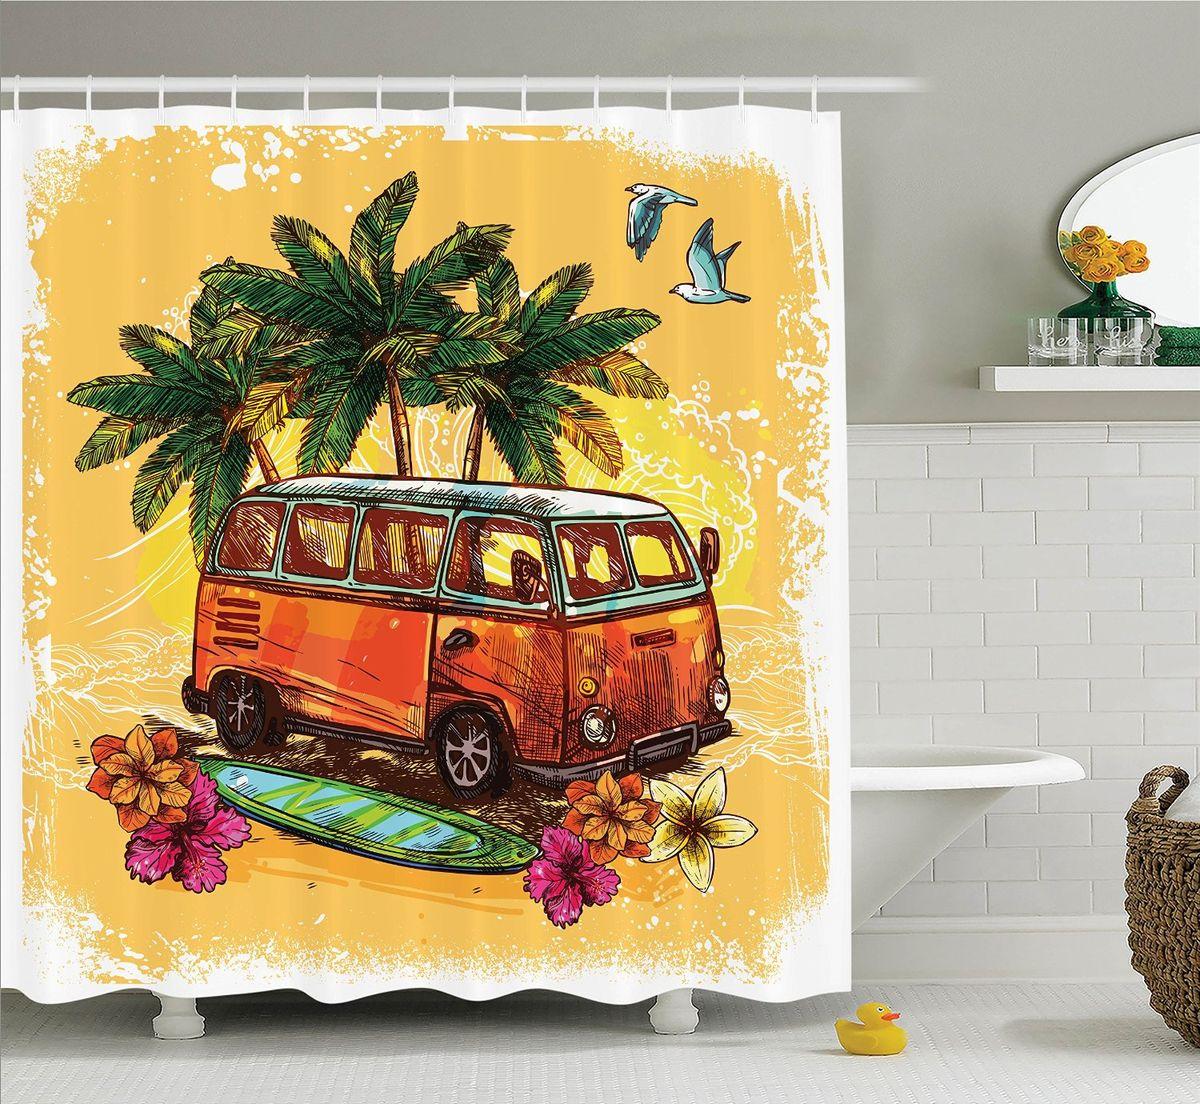 Штора для ванной комнаты Magic Lady Оранжевый автобус, 180 х 200 см583010Штора Magic Lady Оранжевый автобус, изготовленная из высококачественного сатена (полиэстер 100%), отлично дополнит любой интерьер ванной комнаты. При изготовлении используются специальные гипоаллергенные чернила для прямой печати по ткани, безопасные для человека.В комплекте: 1 штора, 12 крючков. Обращаем ваше внимание, фактический цвет изделия может незначительно отличаться от представленного на фото.